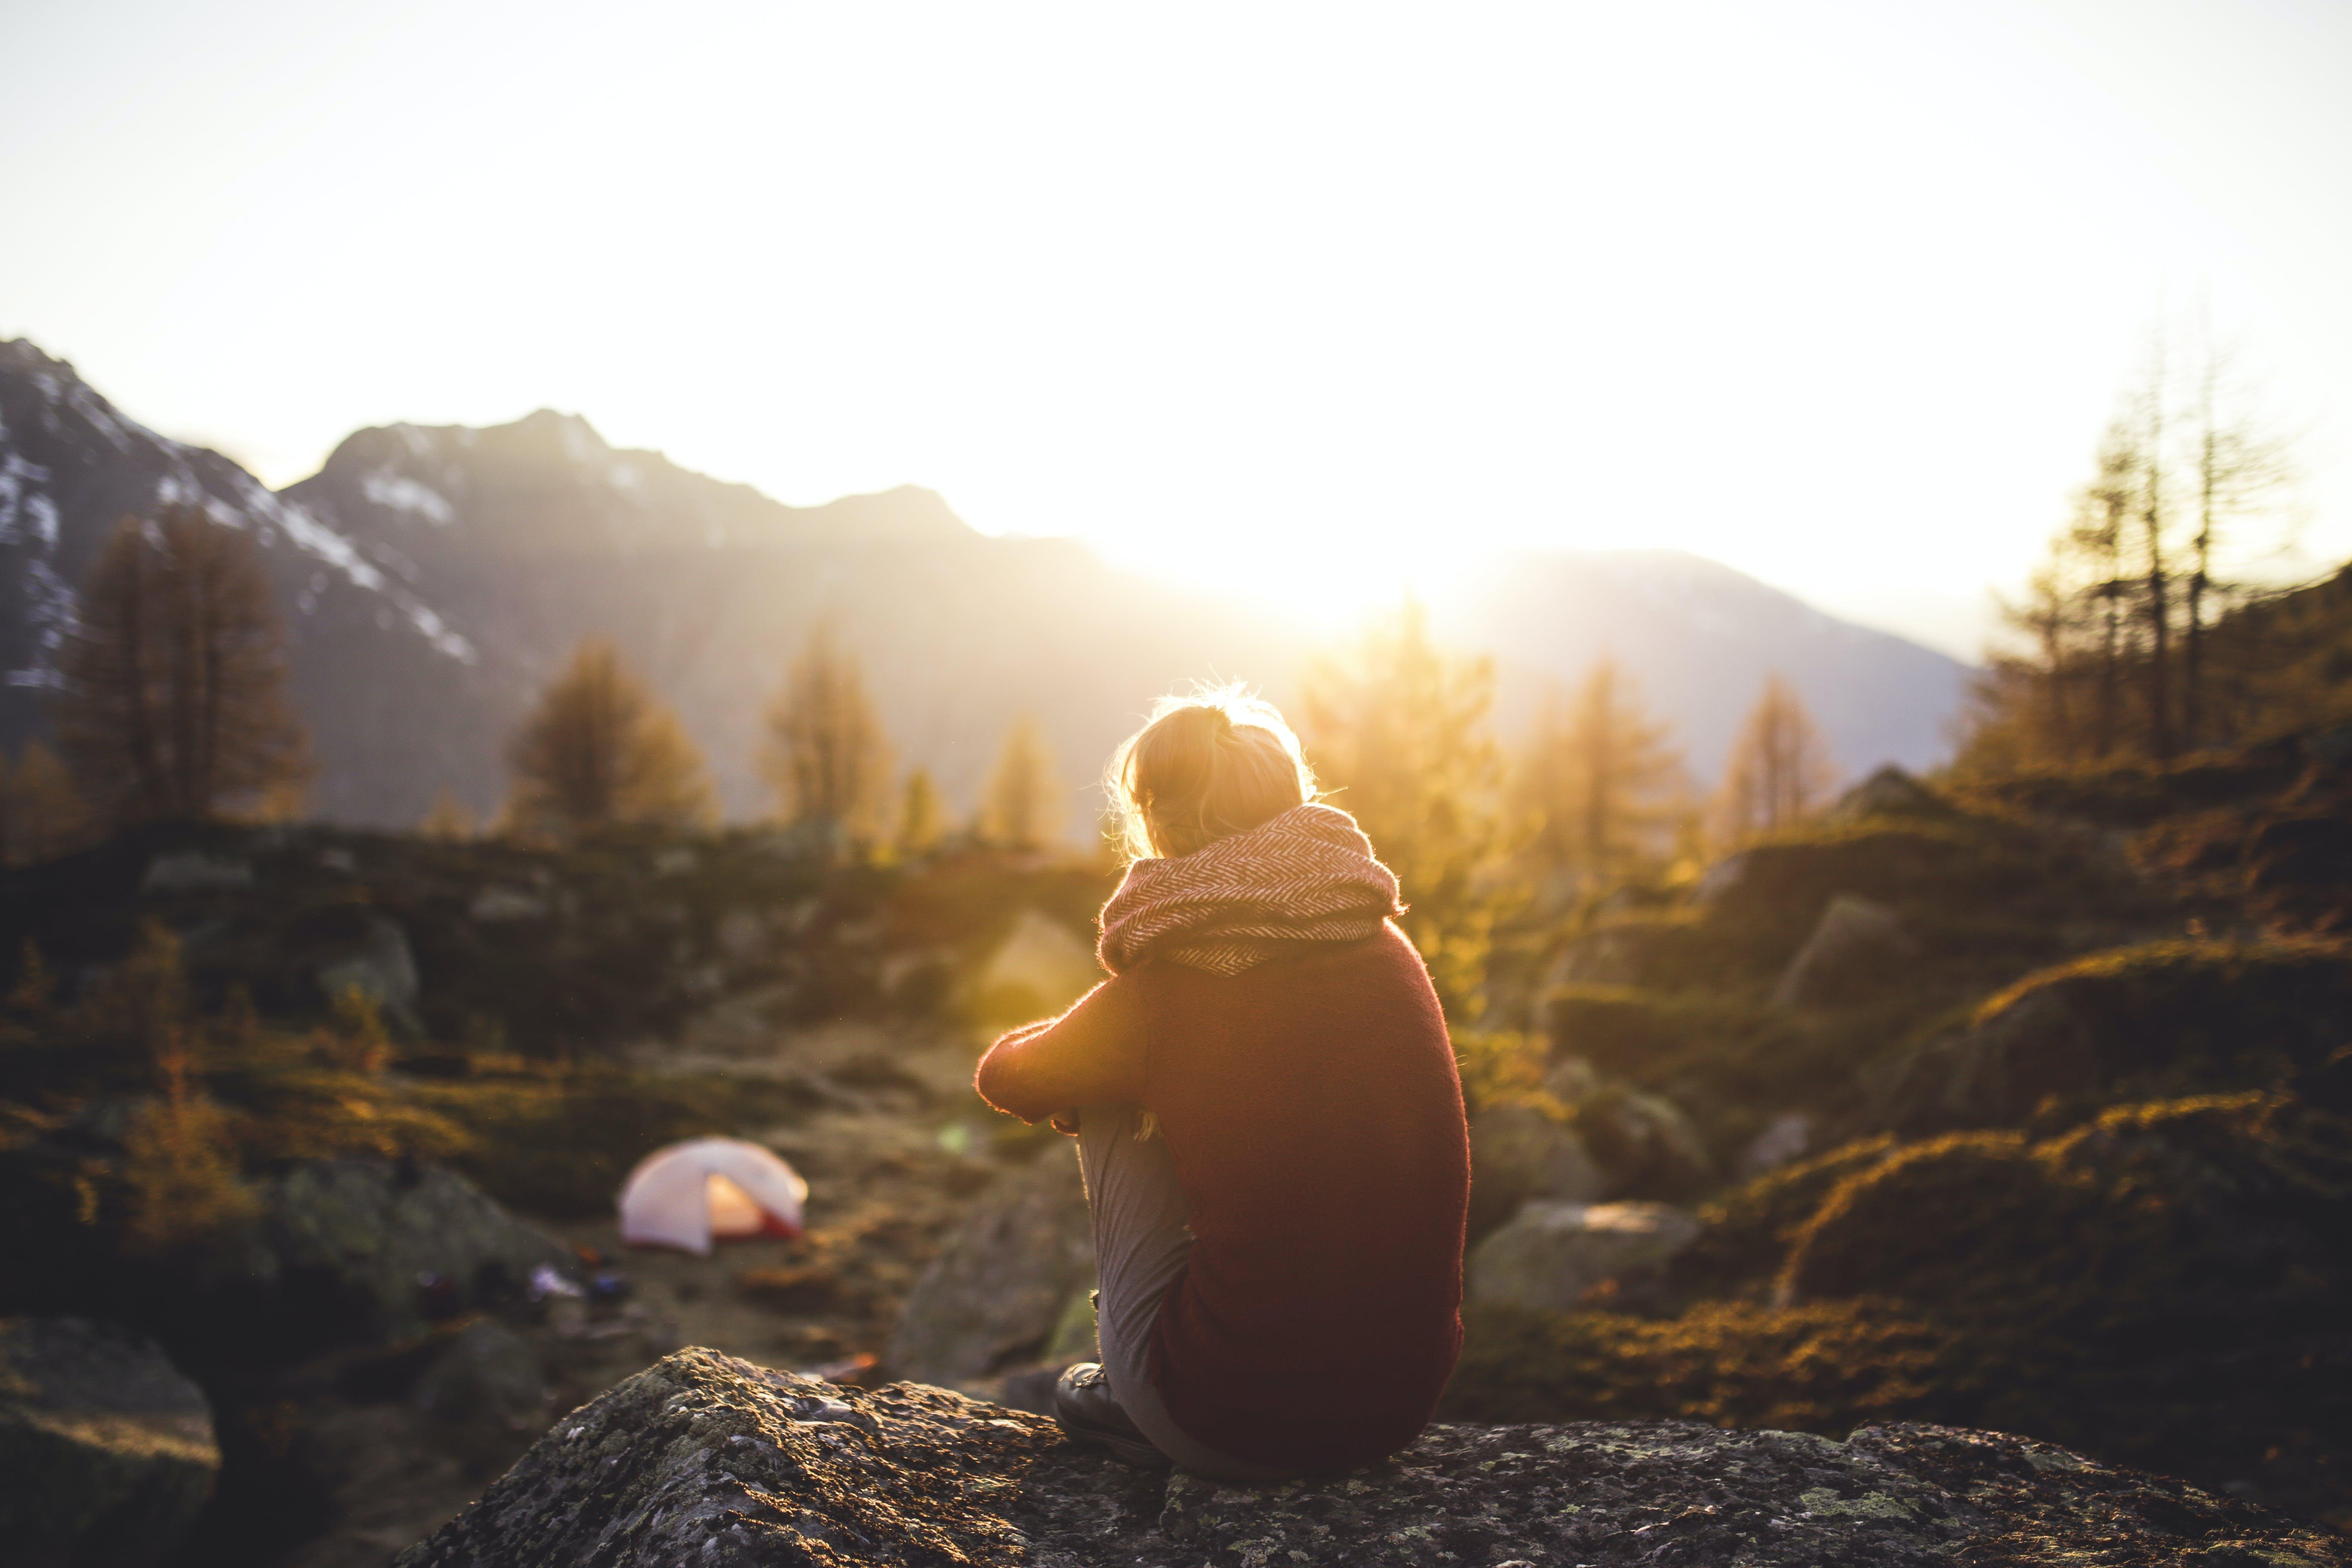 Kostenloses Stock Foto zu allein, bäume, berge, entspannung